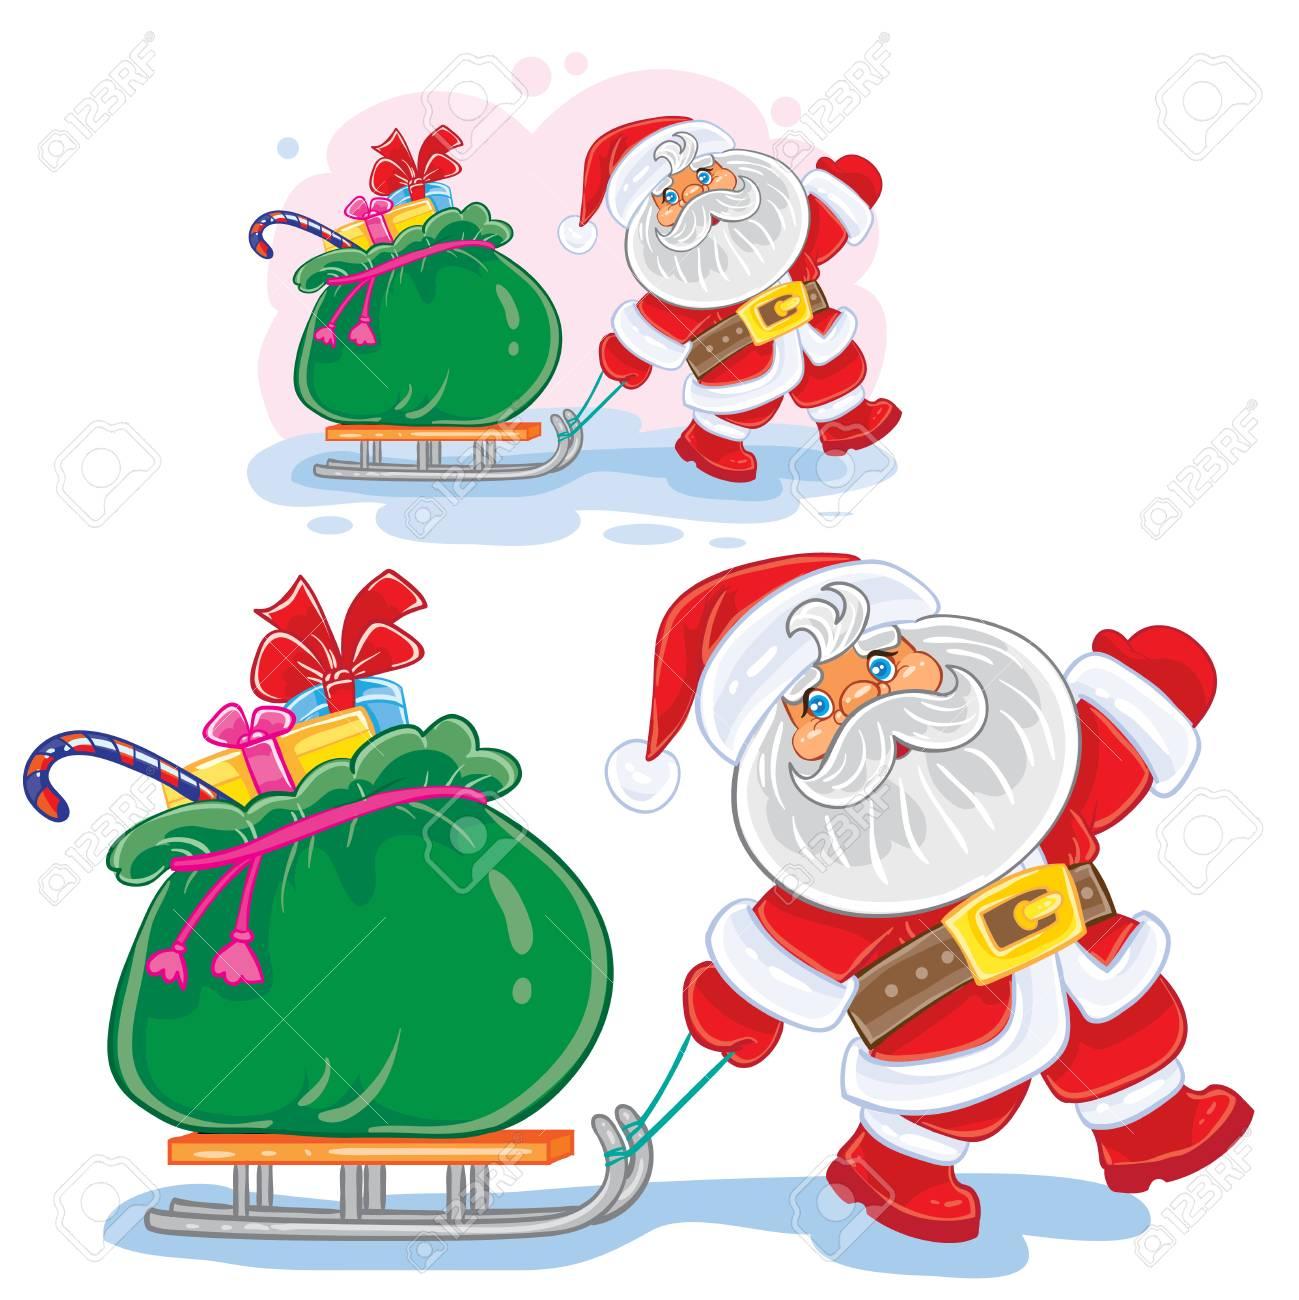 fabriquer untraineau du pere noel Banque du0027images - Vector hiver Noël, illustration de la nouvelle année Le père  Noël tire un traîneau avec un sac de cadeaux.